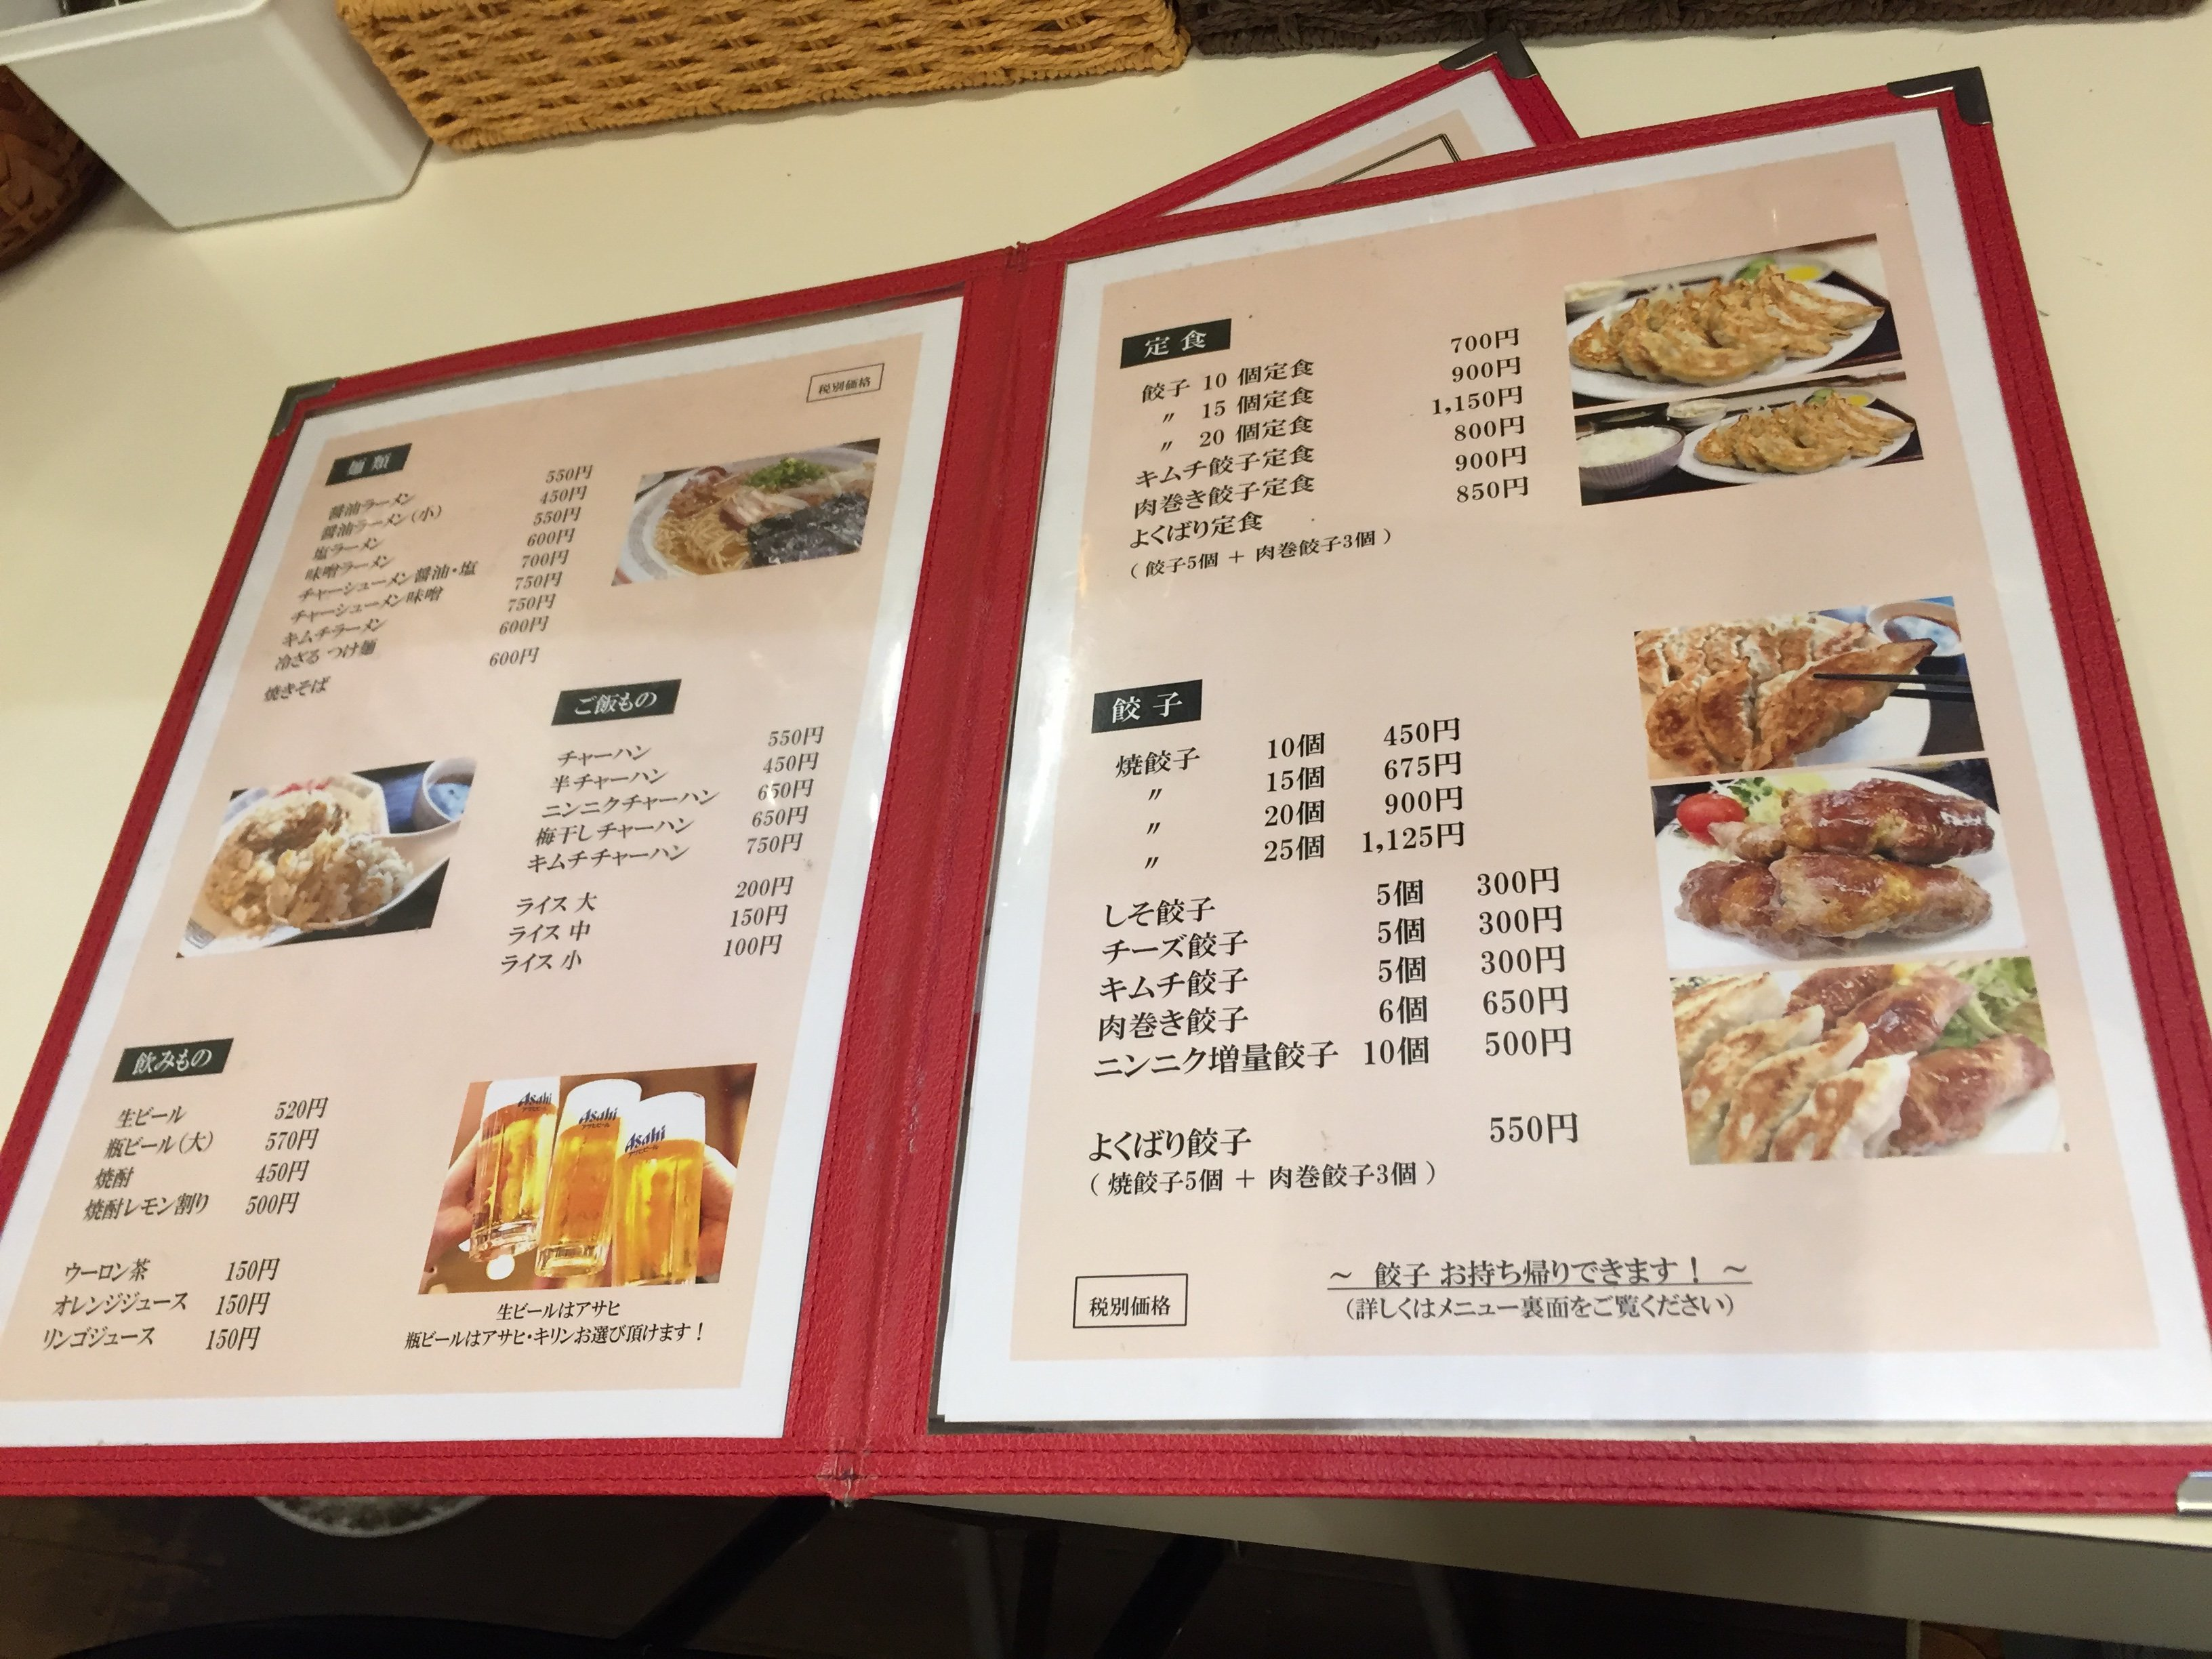 餃子の王将、大阪王将が跋扈する大阪出身・山本彩も認めた浜松餃子の名店の画像006